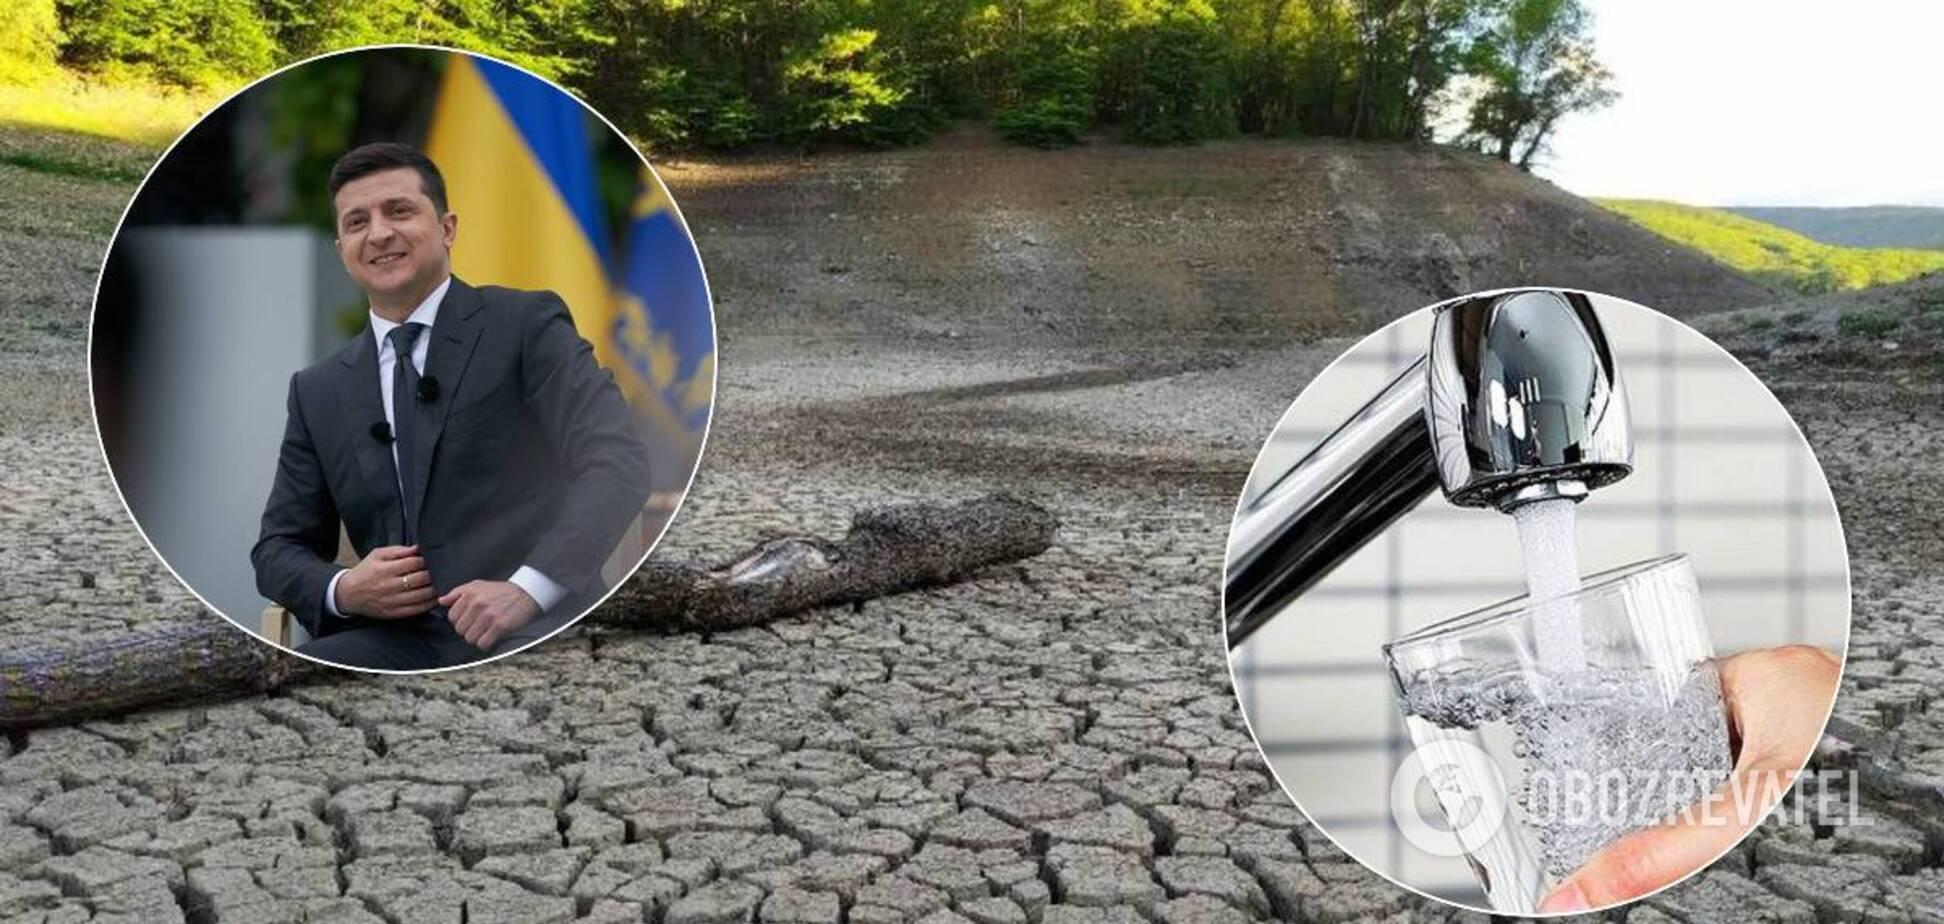 Зеленський проти відновлення подачі води в окупований Крим